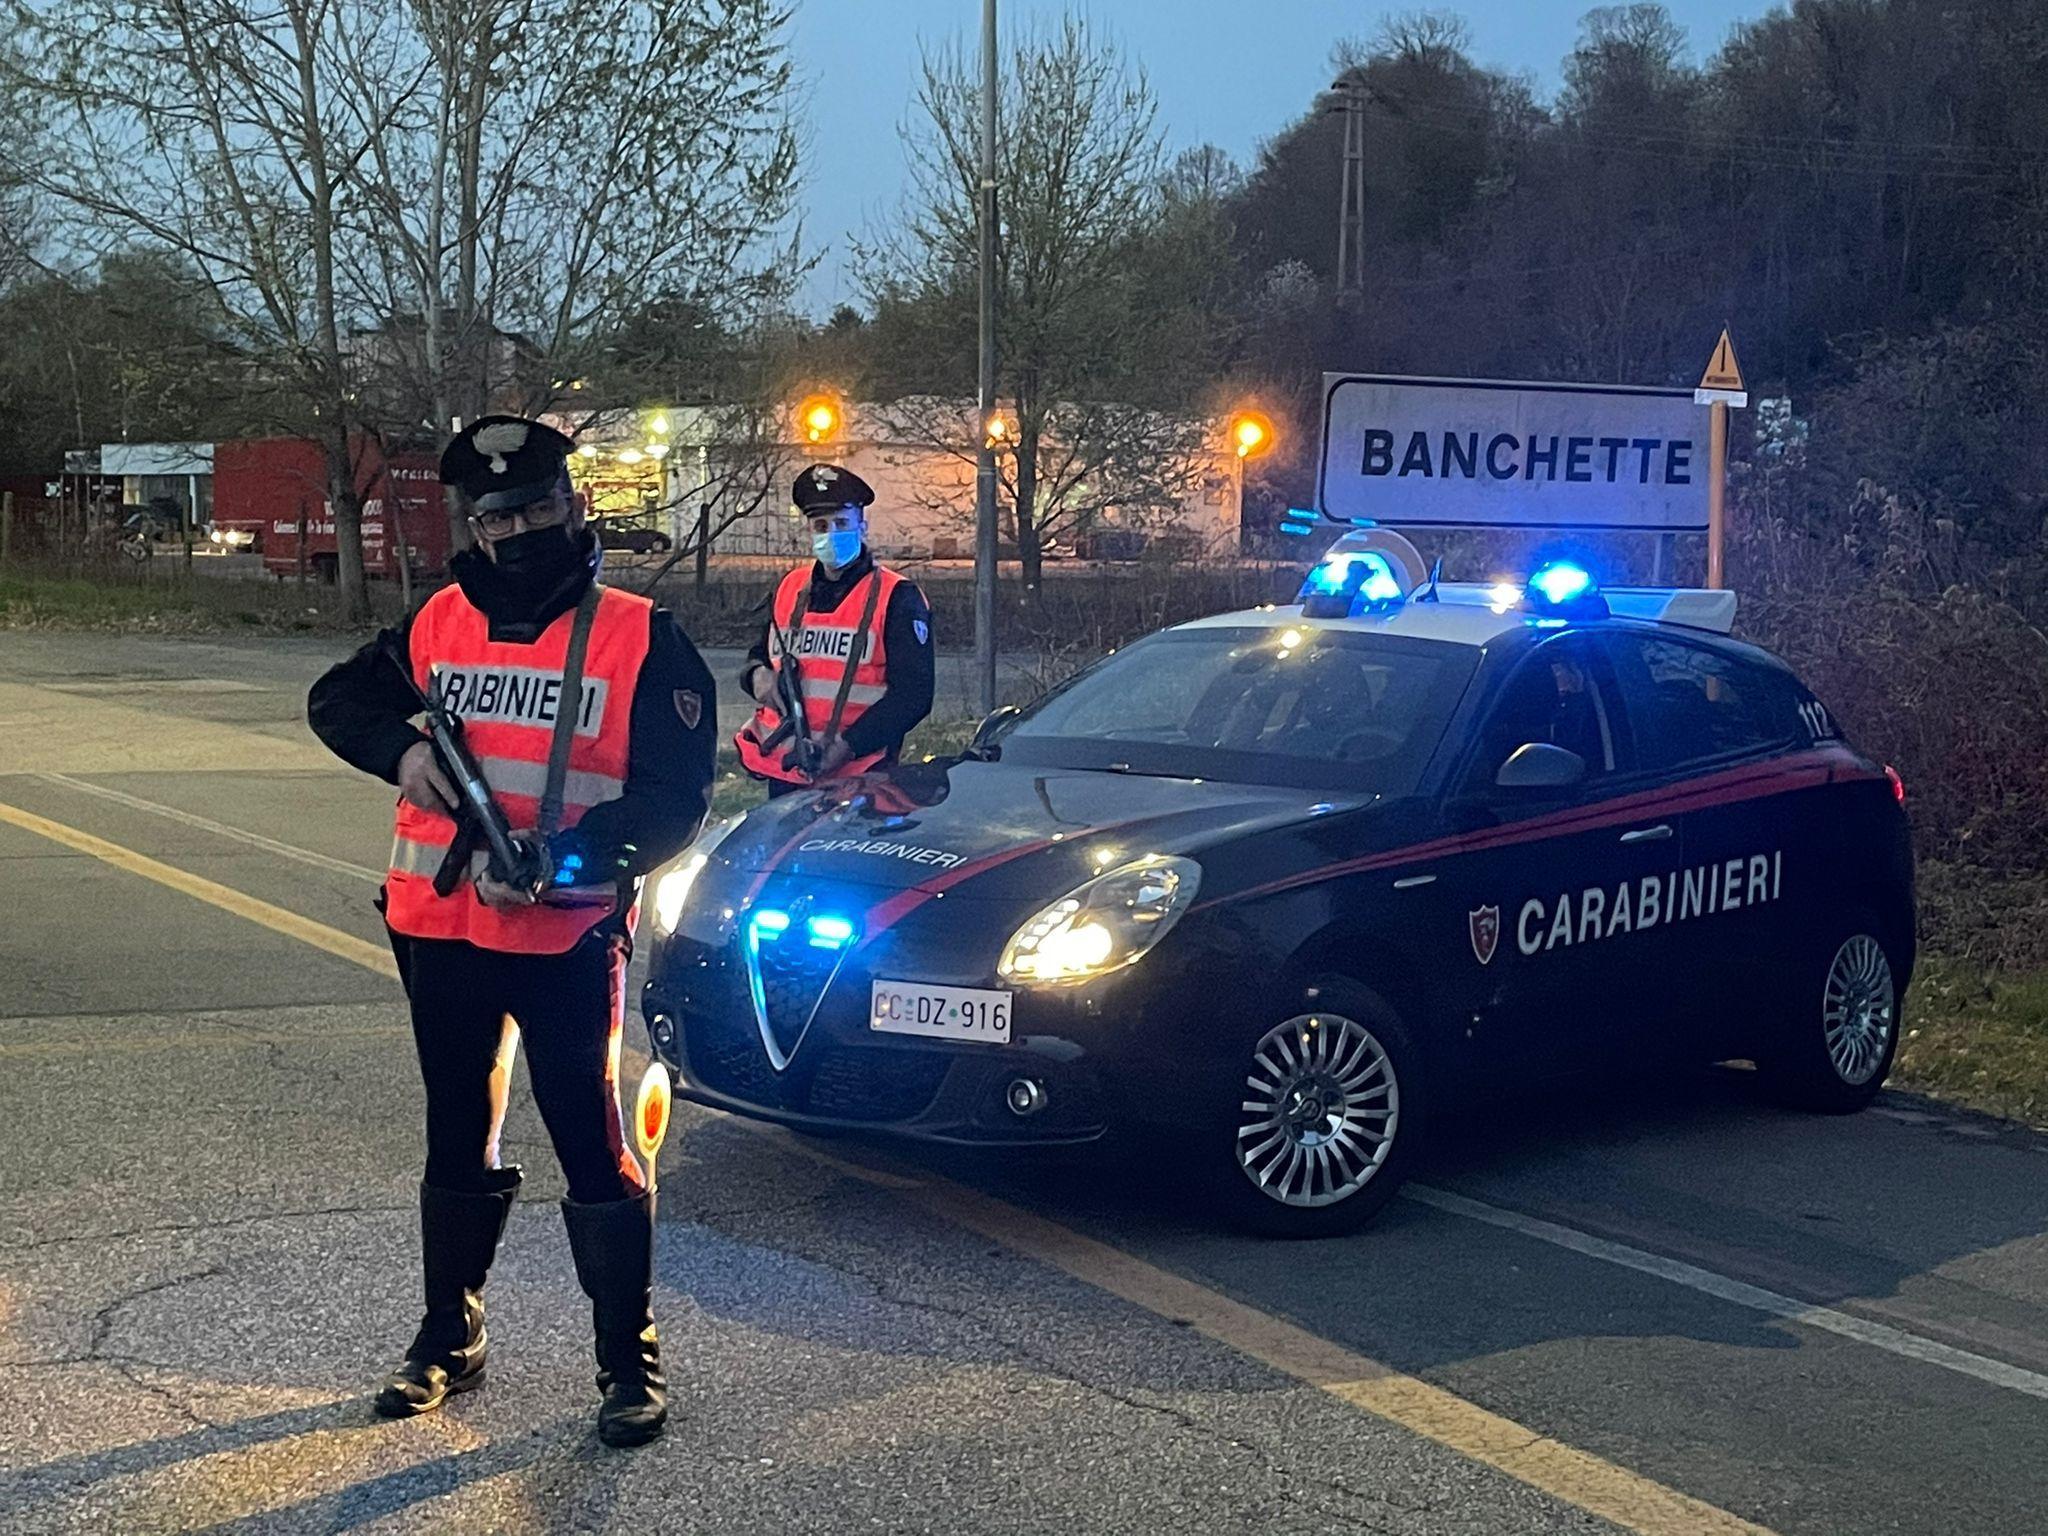 IVREA - Non accetta la fine della relazione, perseguita e picchia l'ex compagna: arrestato dai carabinieri